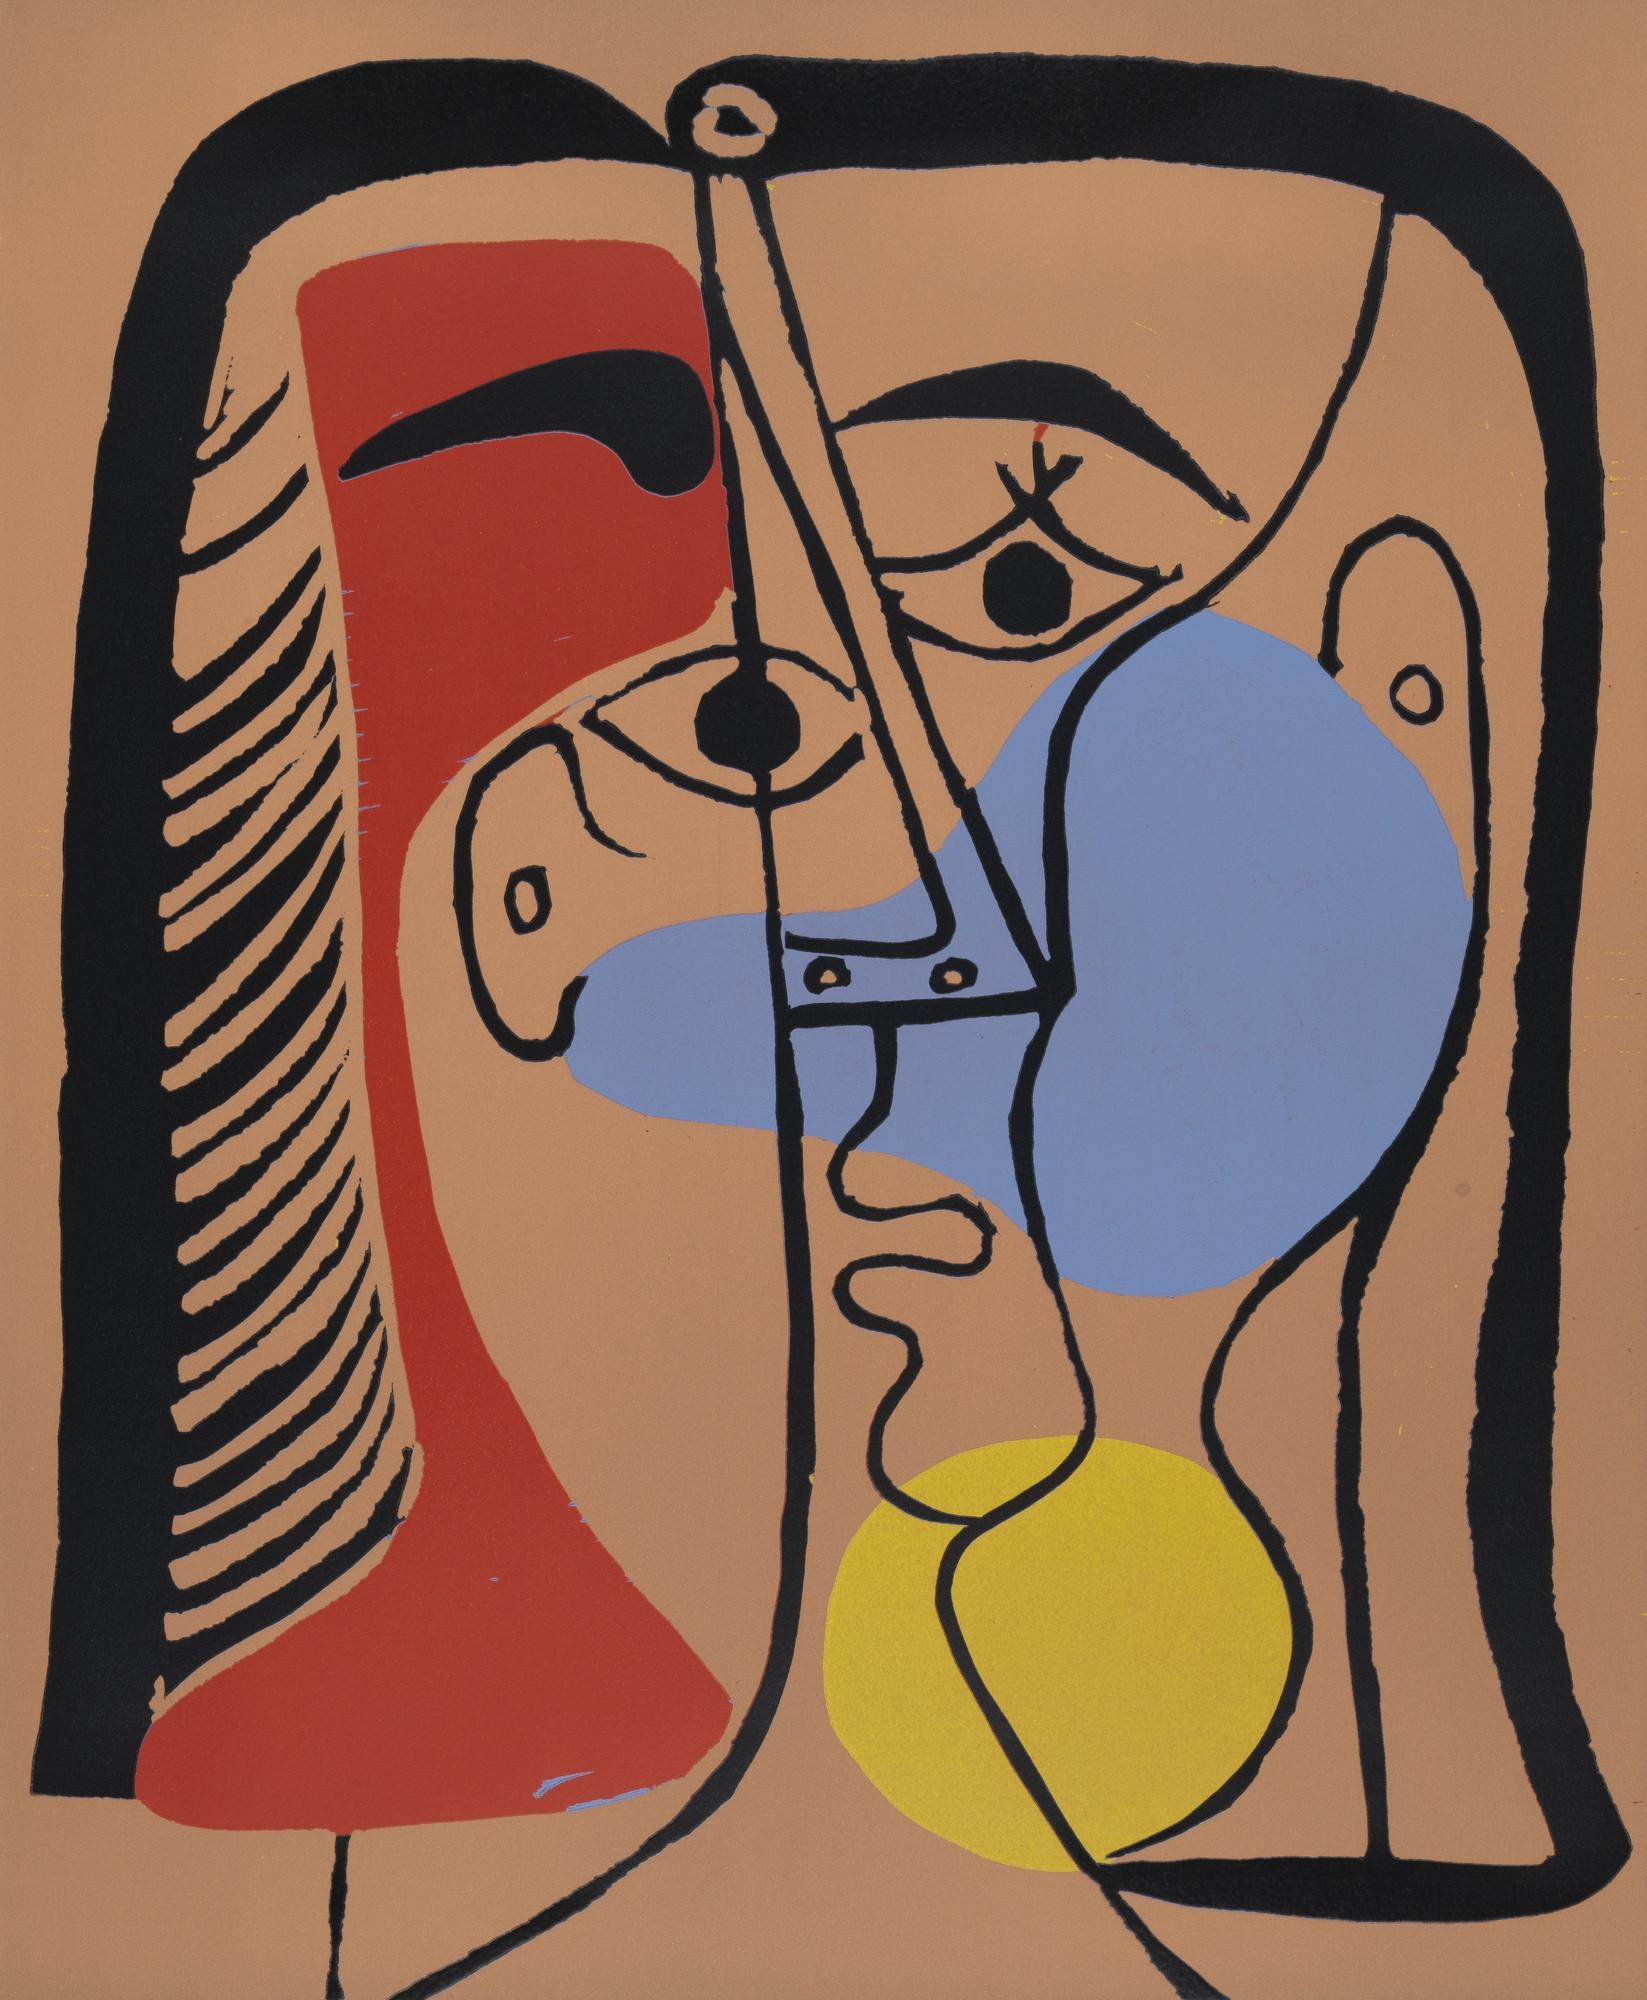 Pablo Picasso. Portrait of Jacqueline with Glossy Hair (Portrait de Jacqueline aux cheveux lisses). 1962, published 1963 | MoMA